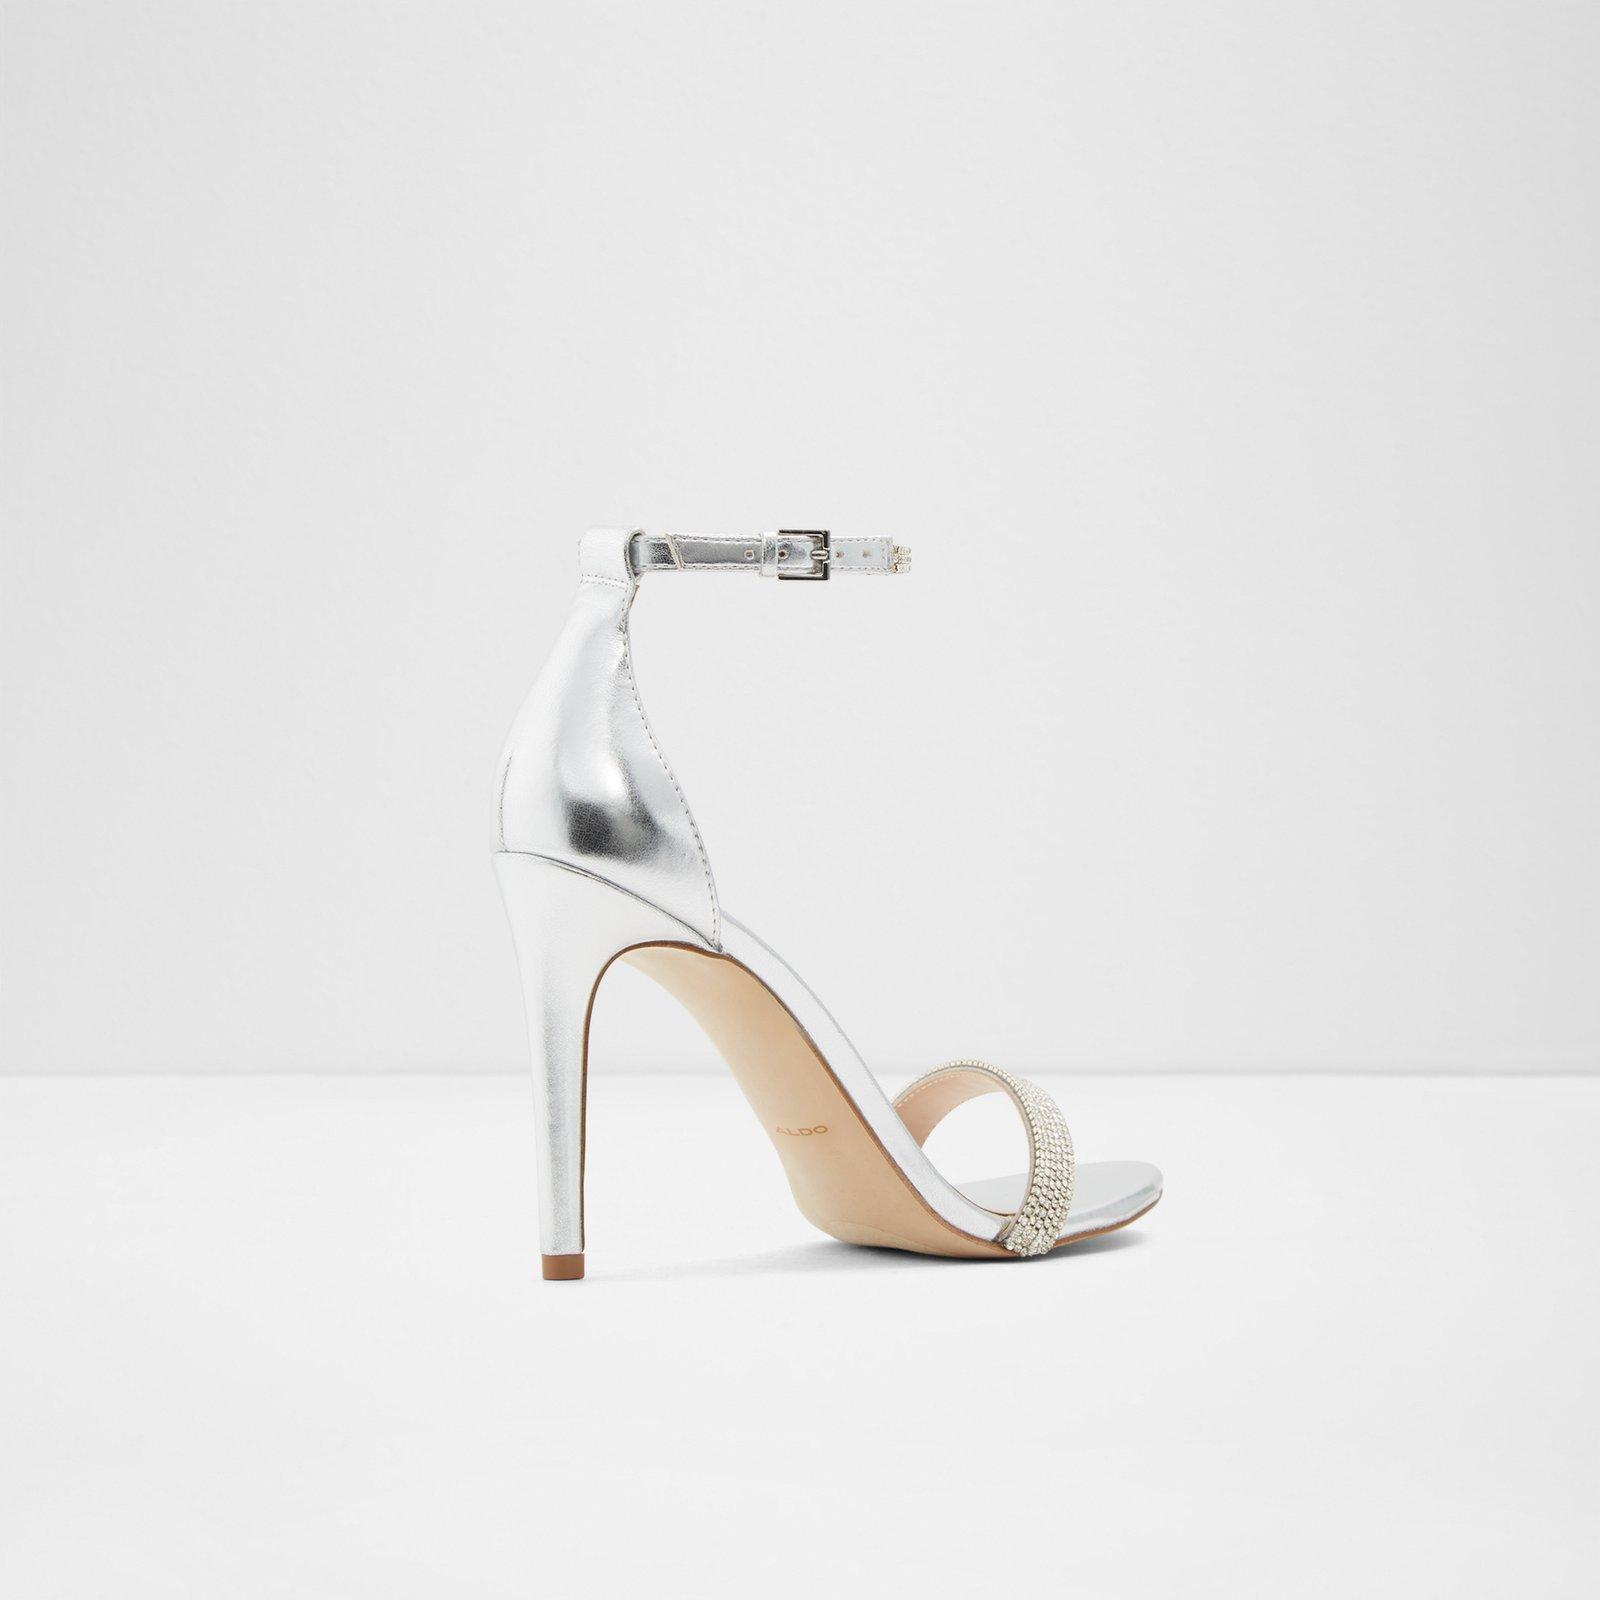 7556dd2c8e00 Women   Footwear   Sandals   Heeled sandals